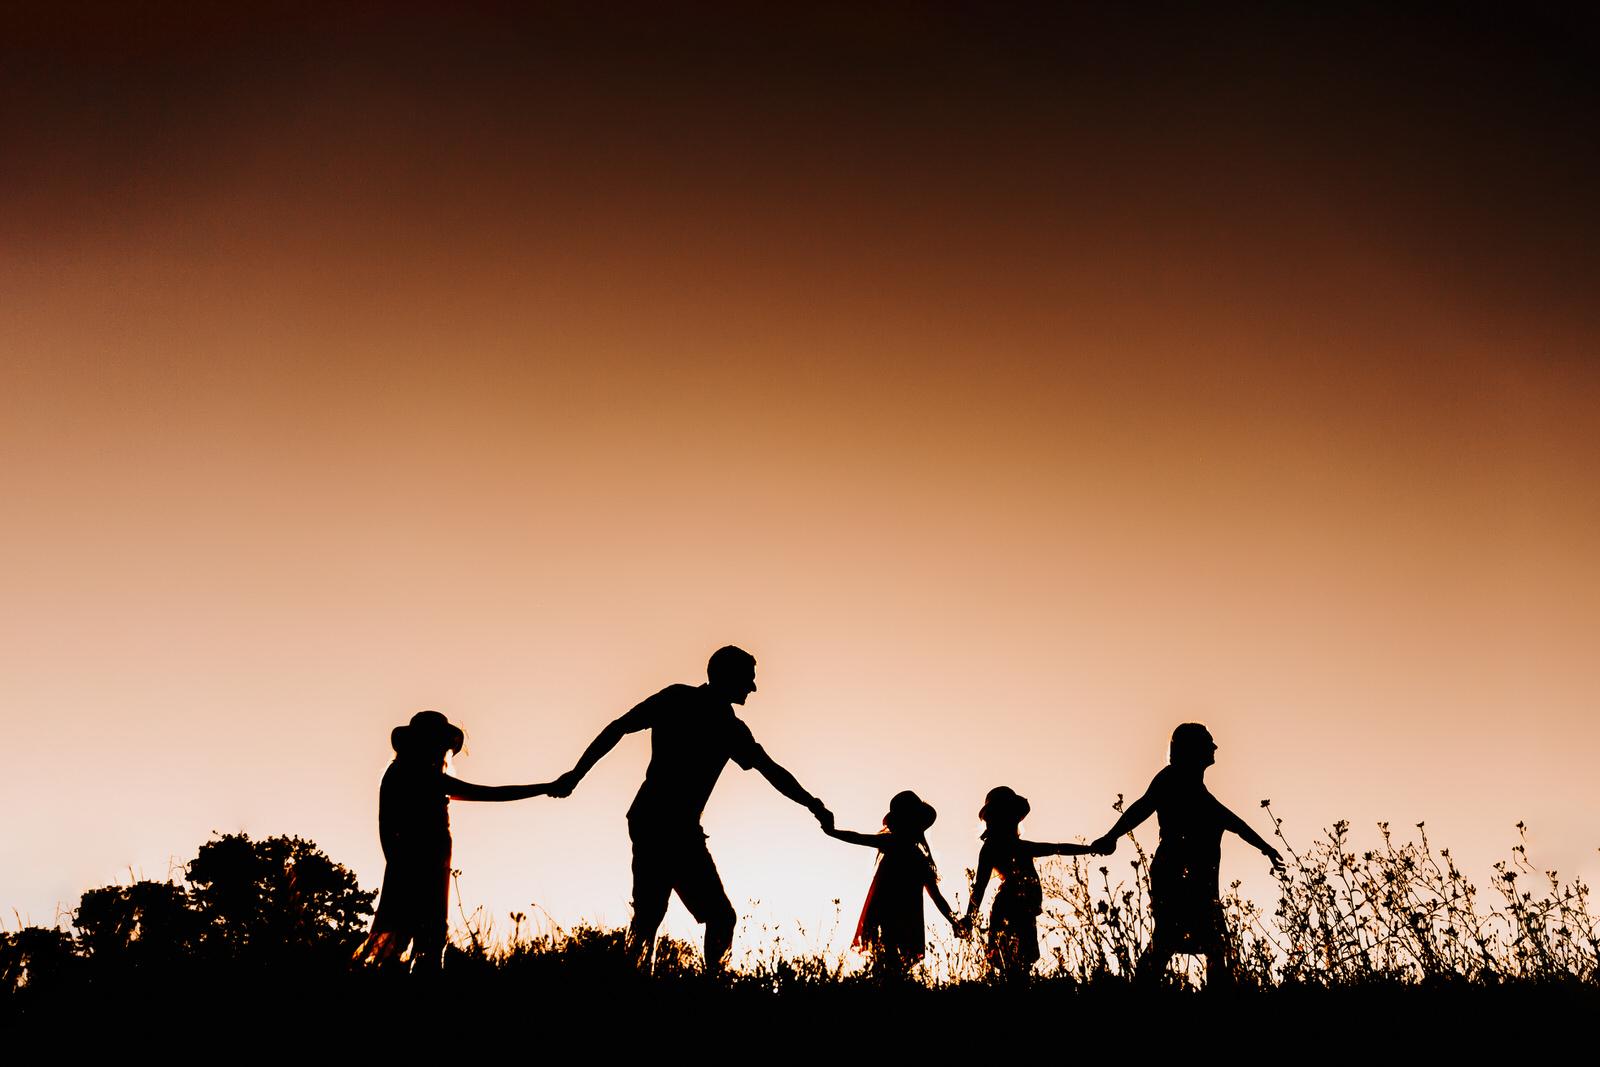 séance photo en famille à lyon jeu d'ombre